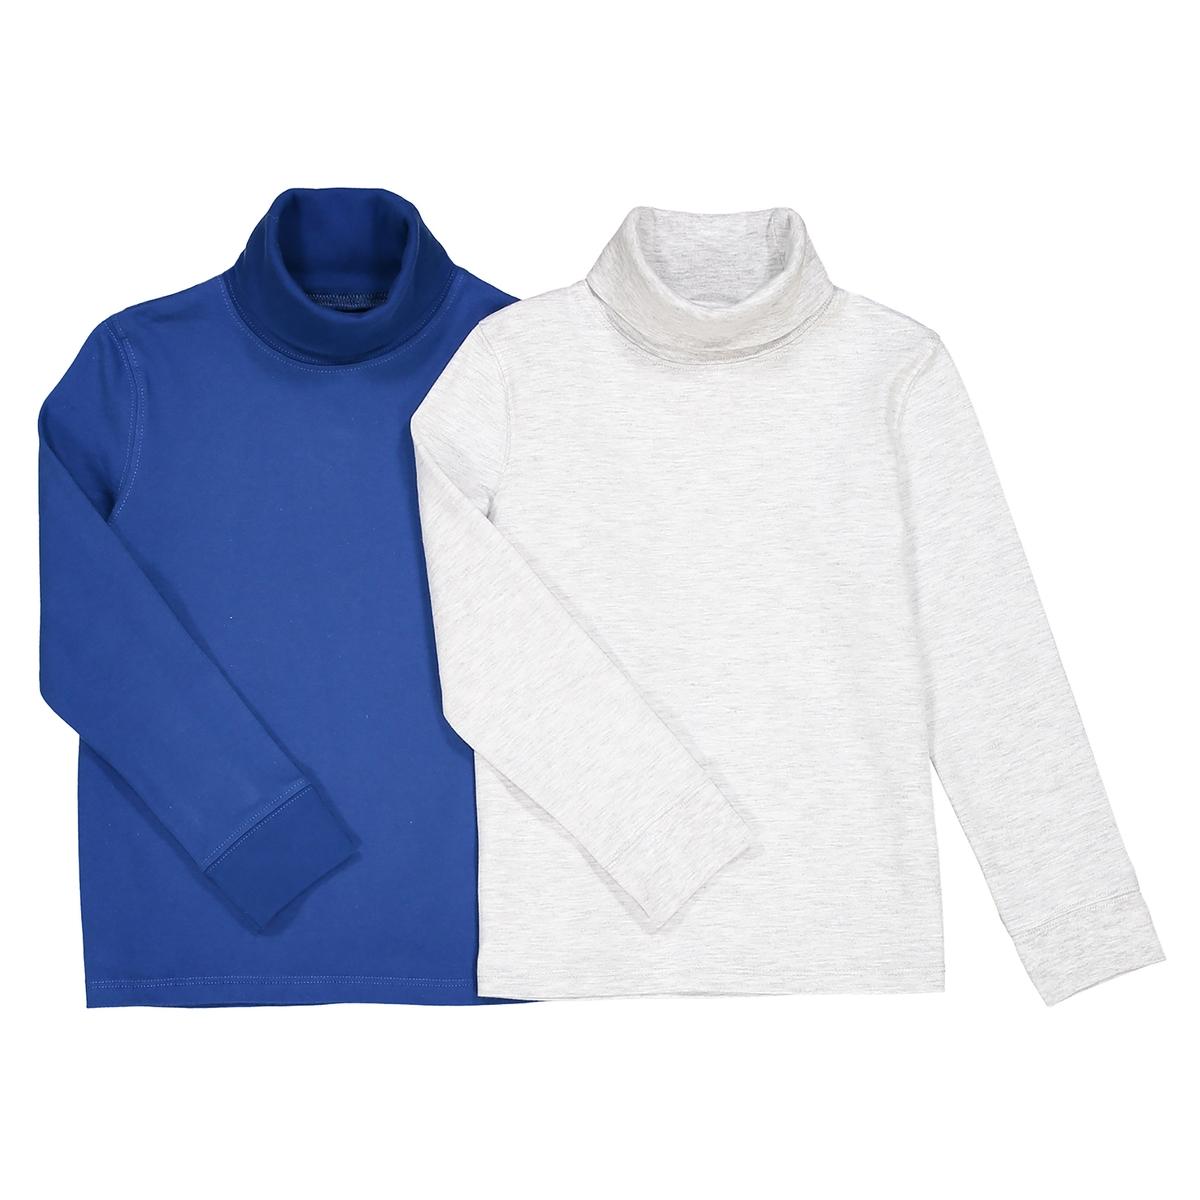 Комплект из 2 тонких пуловеров 3-12 летОписание:Детали •  Длинные рукава •  Прямой покрой •  Воротник с отворотомСостав и уход •  100% хлопок •  Температура стирки 30° •  Гладить при средней температуре / не отбеливать • Барабанная сушка на умеренном режиме •  Сухая чистка запрещена<br><br>Цвет: бежевый меланж/темно-синий,зеленый + темно-синий,светло-серый + бордовый,серый меланж + синий,серый меланж + черный<br>Размер: 12 лет -150 см.6 лет - 114 см.12 лет -150 см.3 года - 94 см.8 лет - 126 см.4 года - 102 см.3 года - 94 см.8 лет - 126 см.4 года - 102 см.10 лет - 138 см.10 лет - 138 см.10 лет - 138 см.10 лет - 138 см.10 лет - 138 см.3 года - 94 см.8 лет - 126 см.4 года - 102 см.3 года - 94 см.8 лет - 126 см.4 года - 102 см.3 года - 94 см.6 лет - 114 см.12 лет -150 см.6 лет - 114 см.12 лет -150 см.6 лет - 114 см.12 лет -150 см.6 лет - 114 см.8 лет - 126 см.4 года - 102 см.5 лет - 108 см.5 лет - 108 см.5 лет - 108 см.5 лет - 108 см.5 лет - 108 см